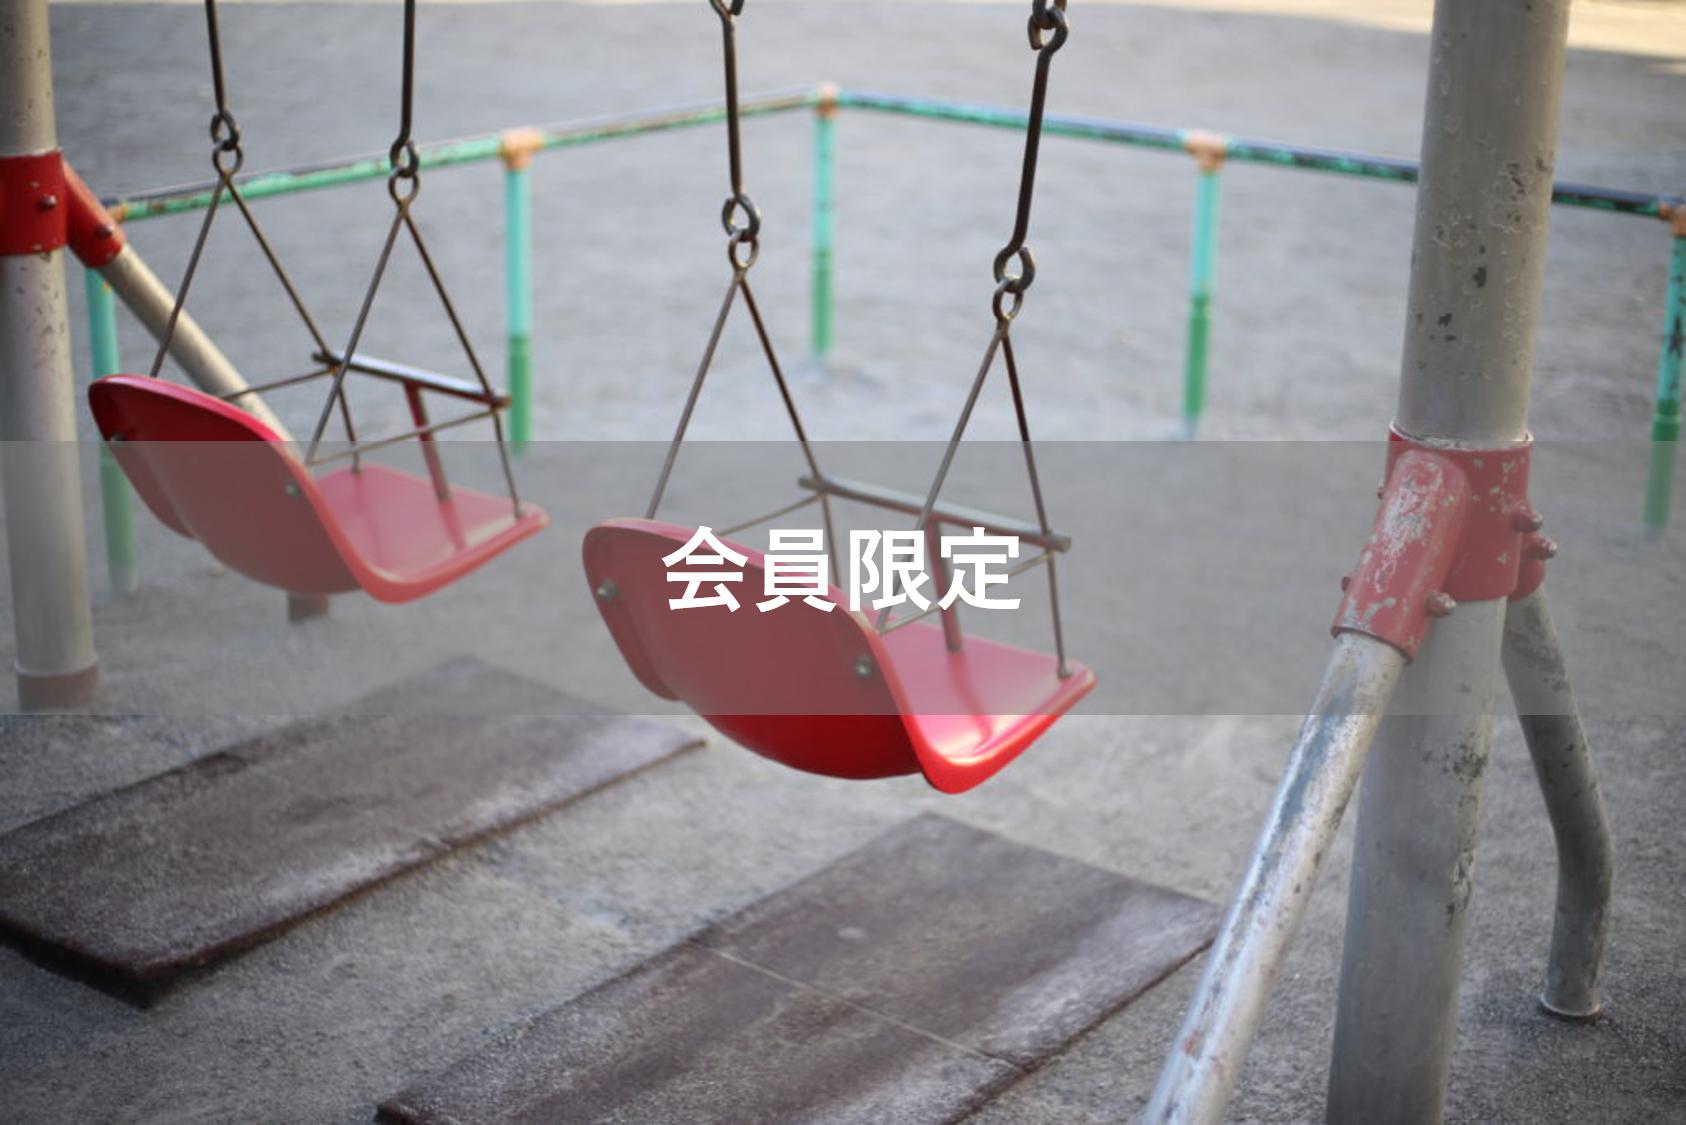 【会員限定/ note記事】心の中の『スタンプカード』~全部たまると…離婚?~